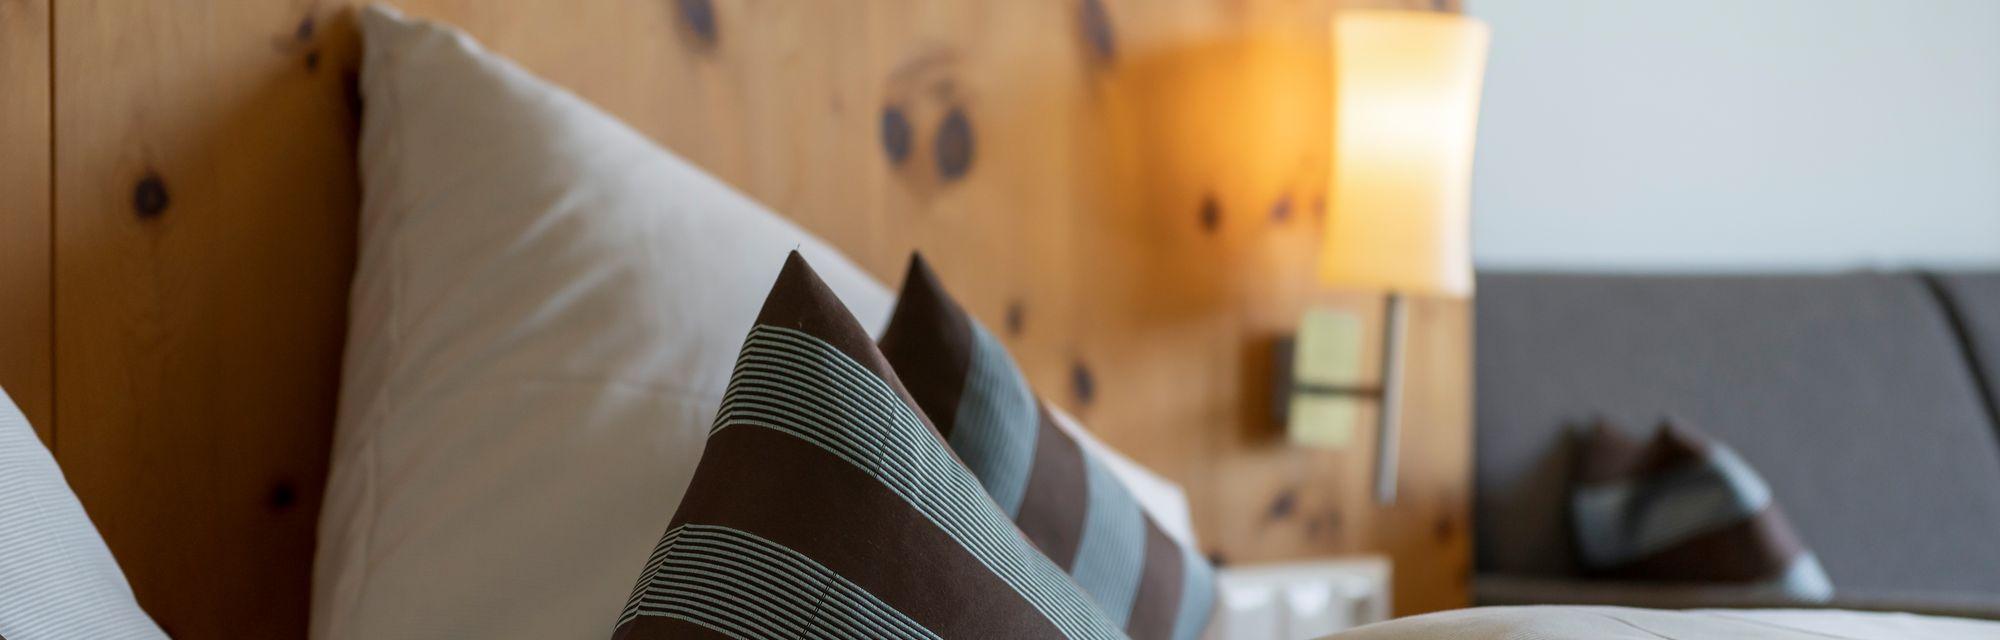 einfach entspannen - Juniorsuite Landhaus ©Martin Steinthaler (TINEFOTO)